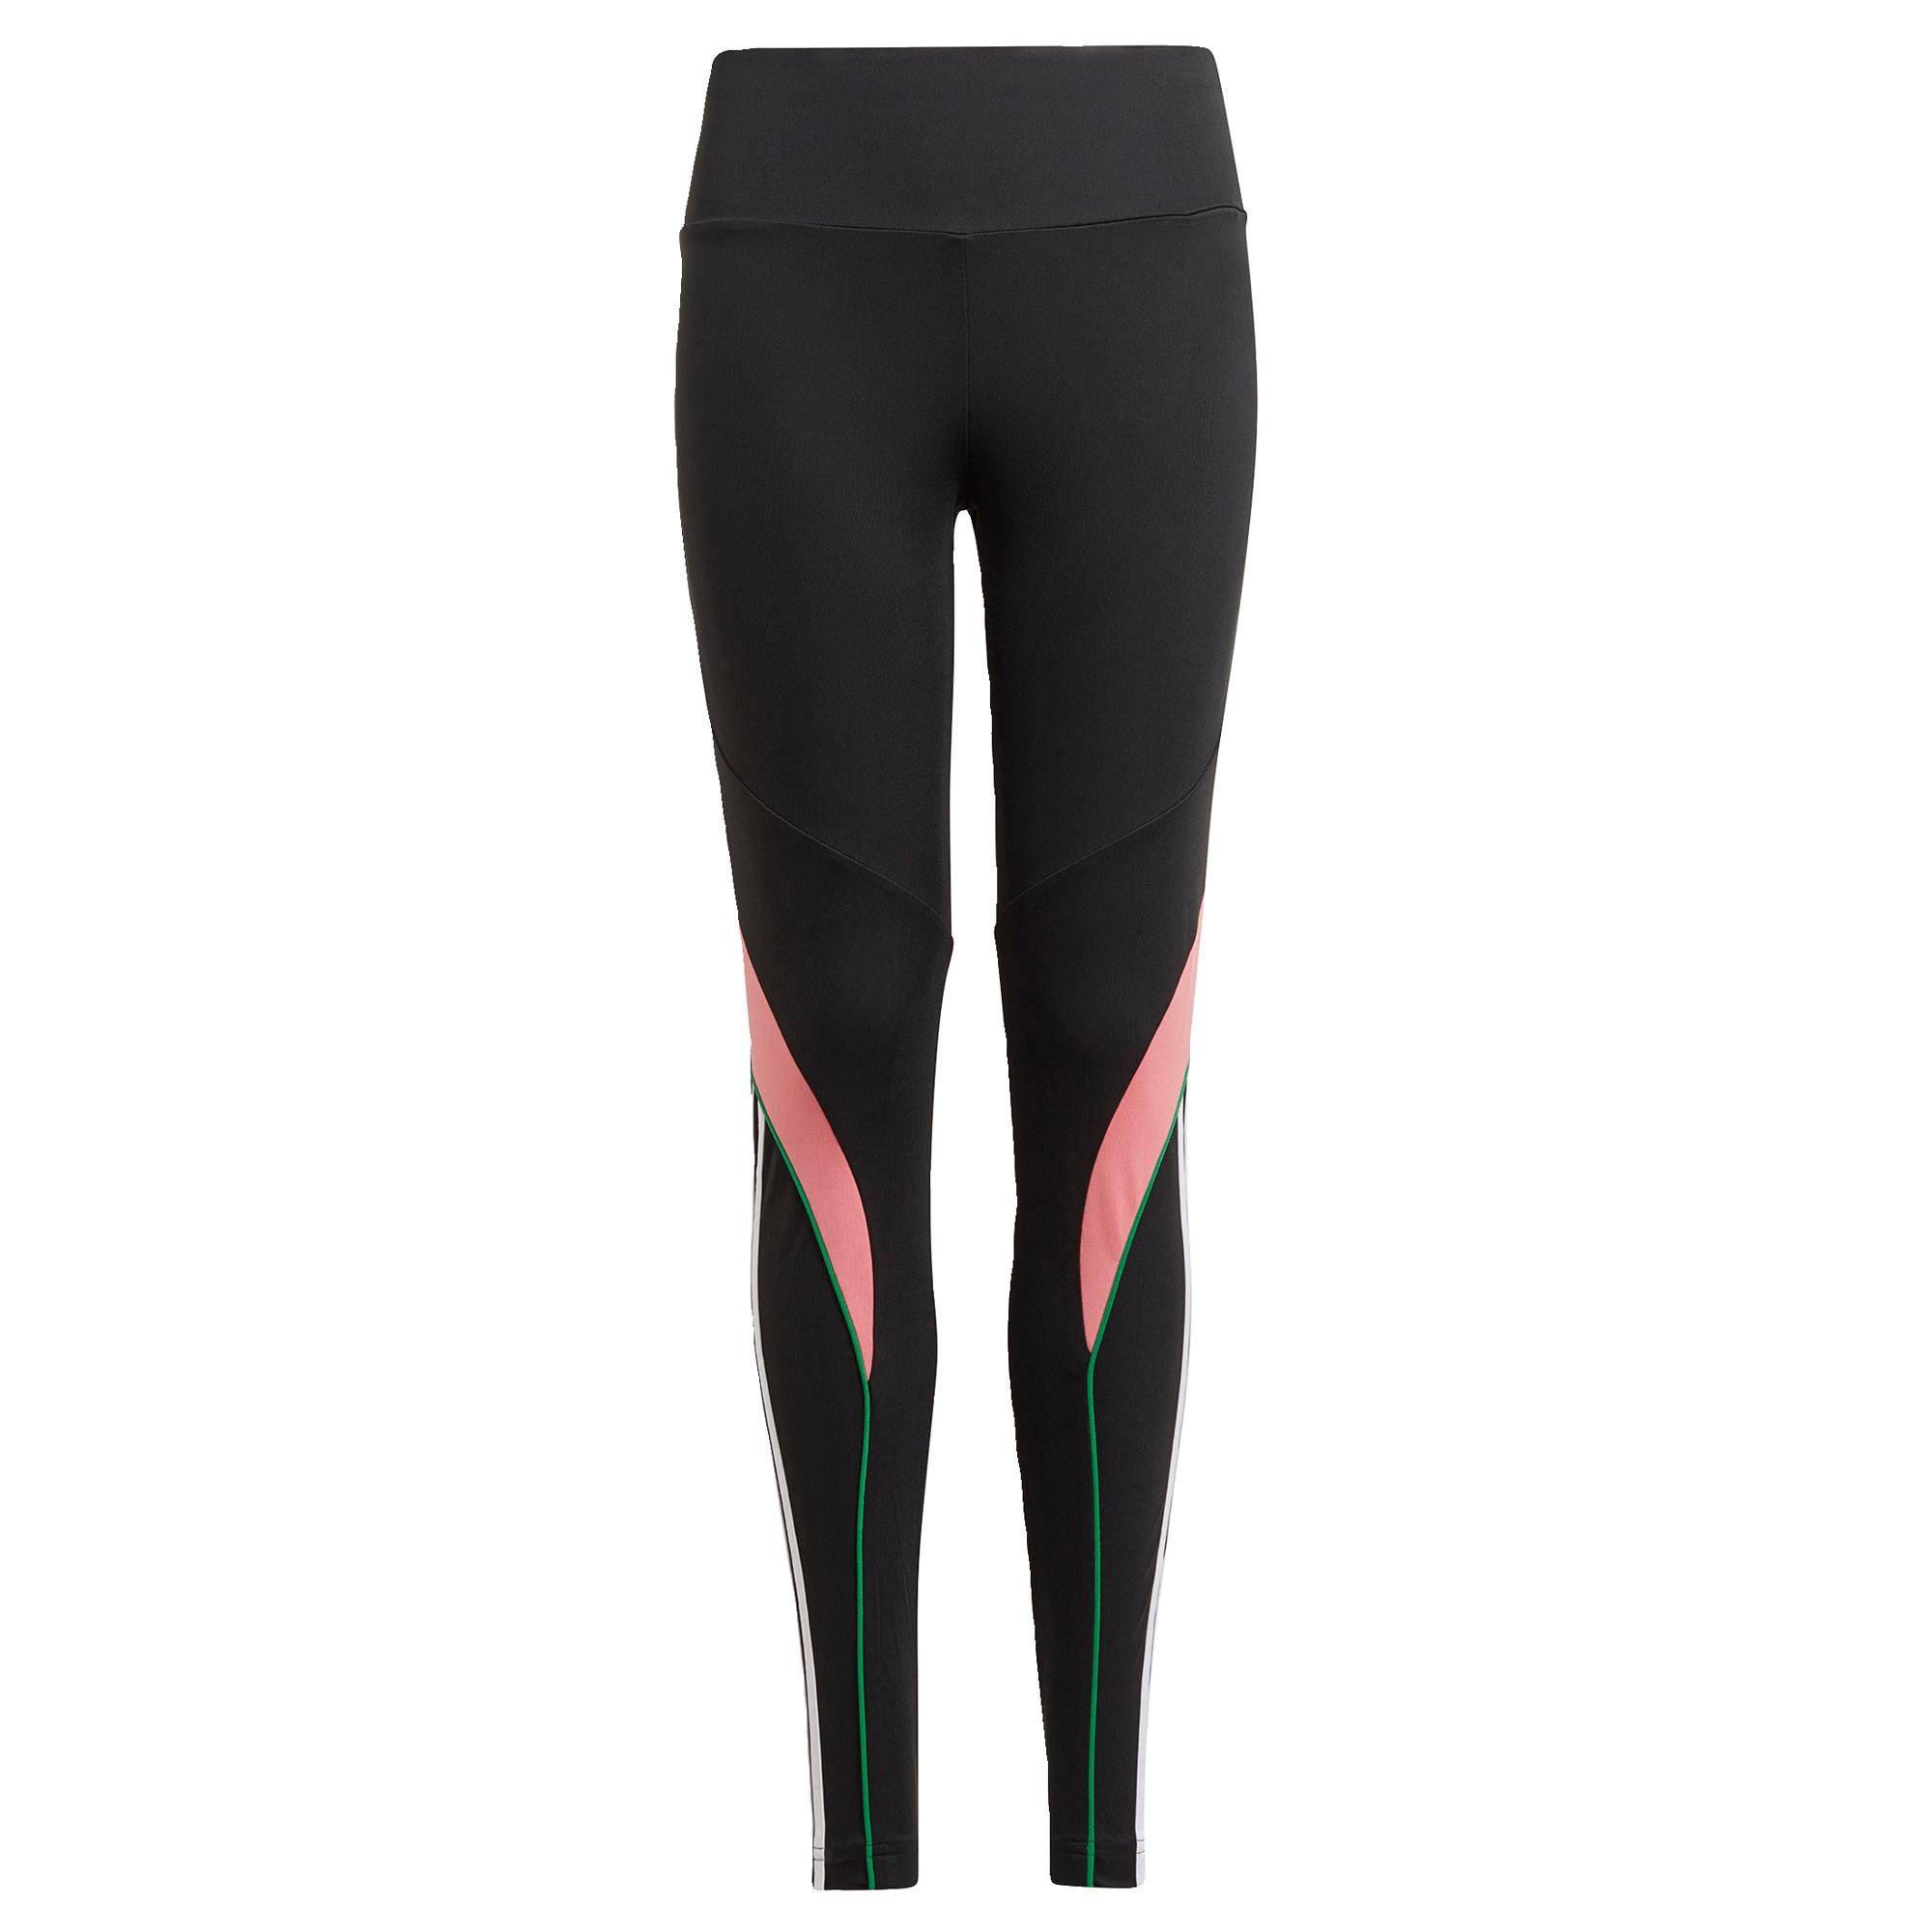 ADIDAS PERFORMANCE Sportinės kelnės juoda / rožių spalva / žalia